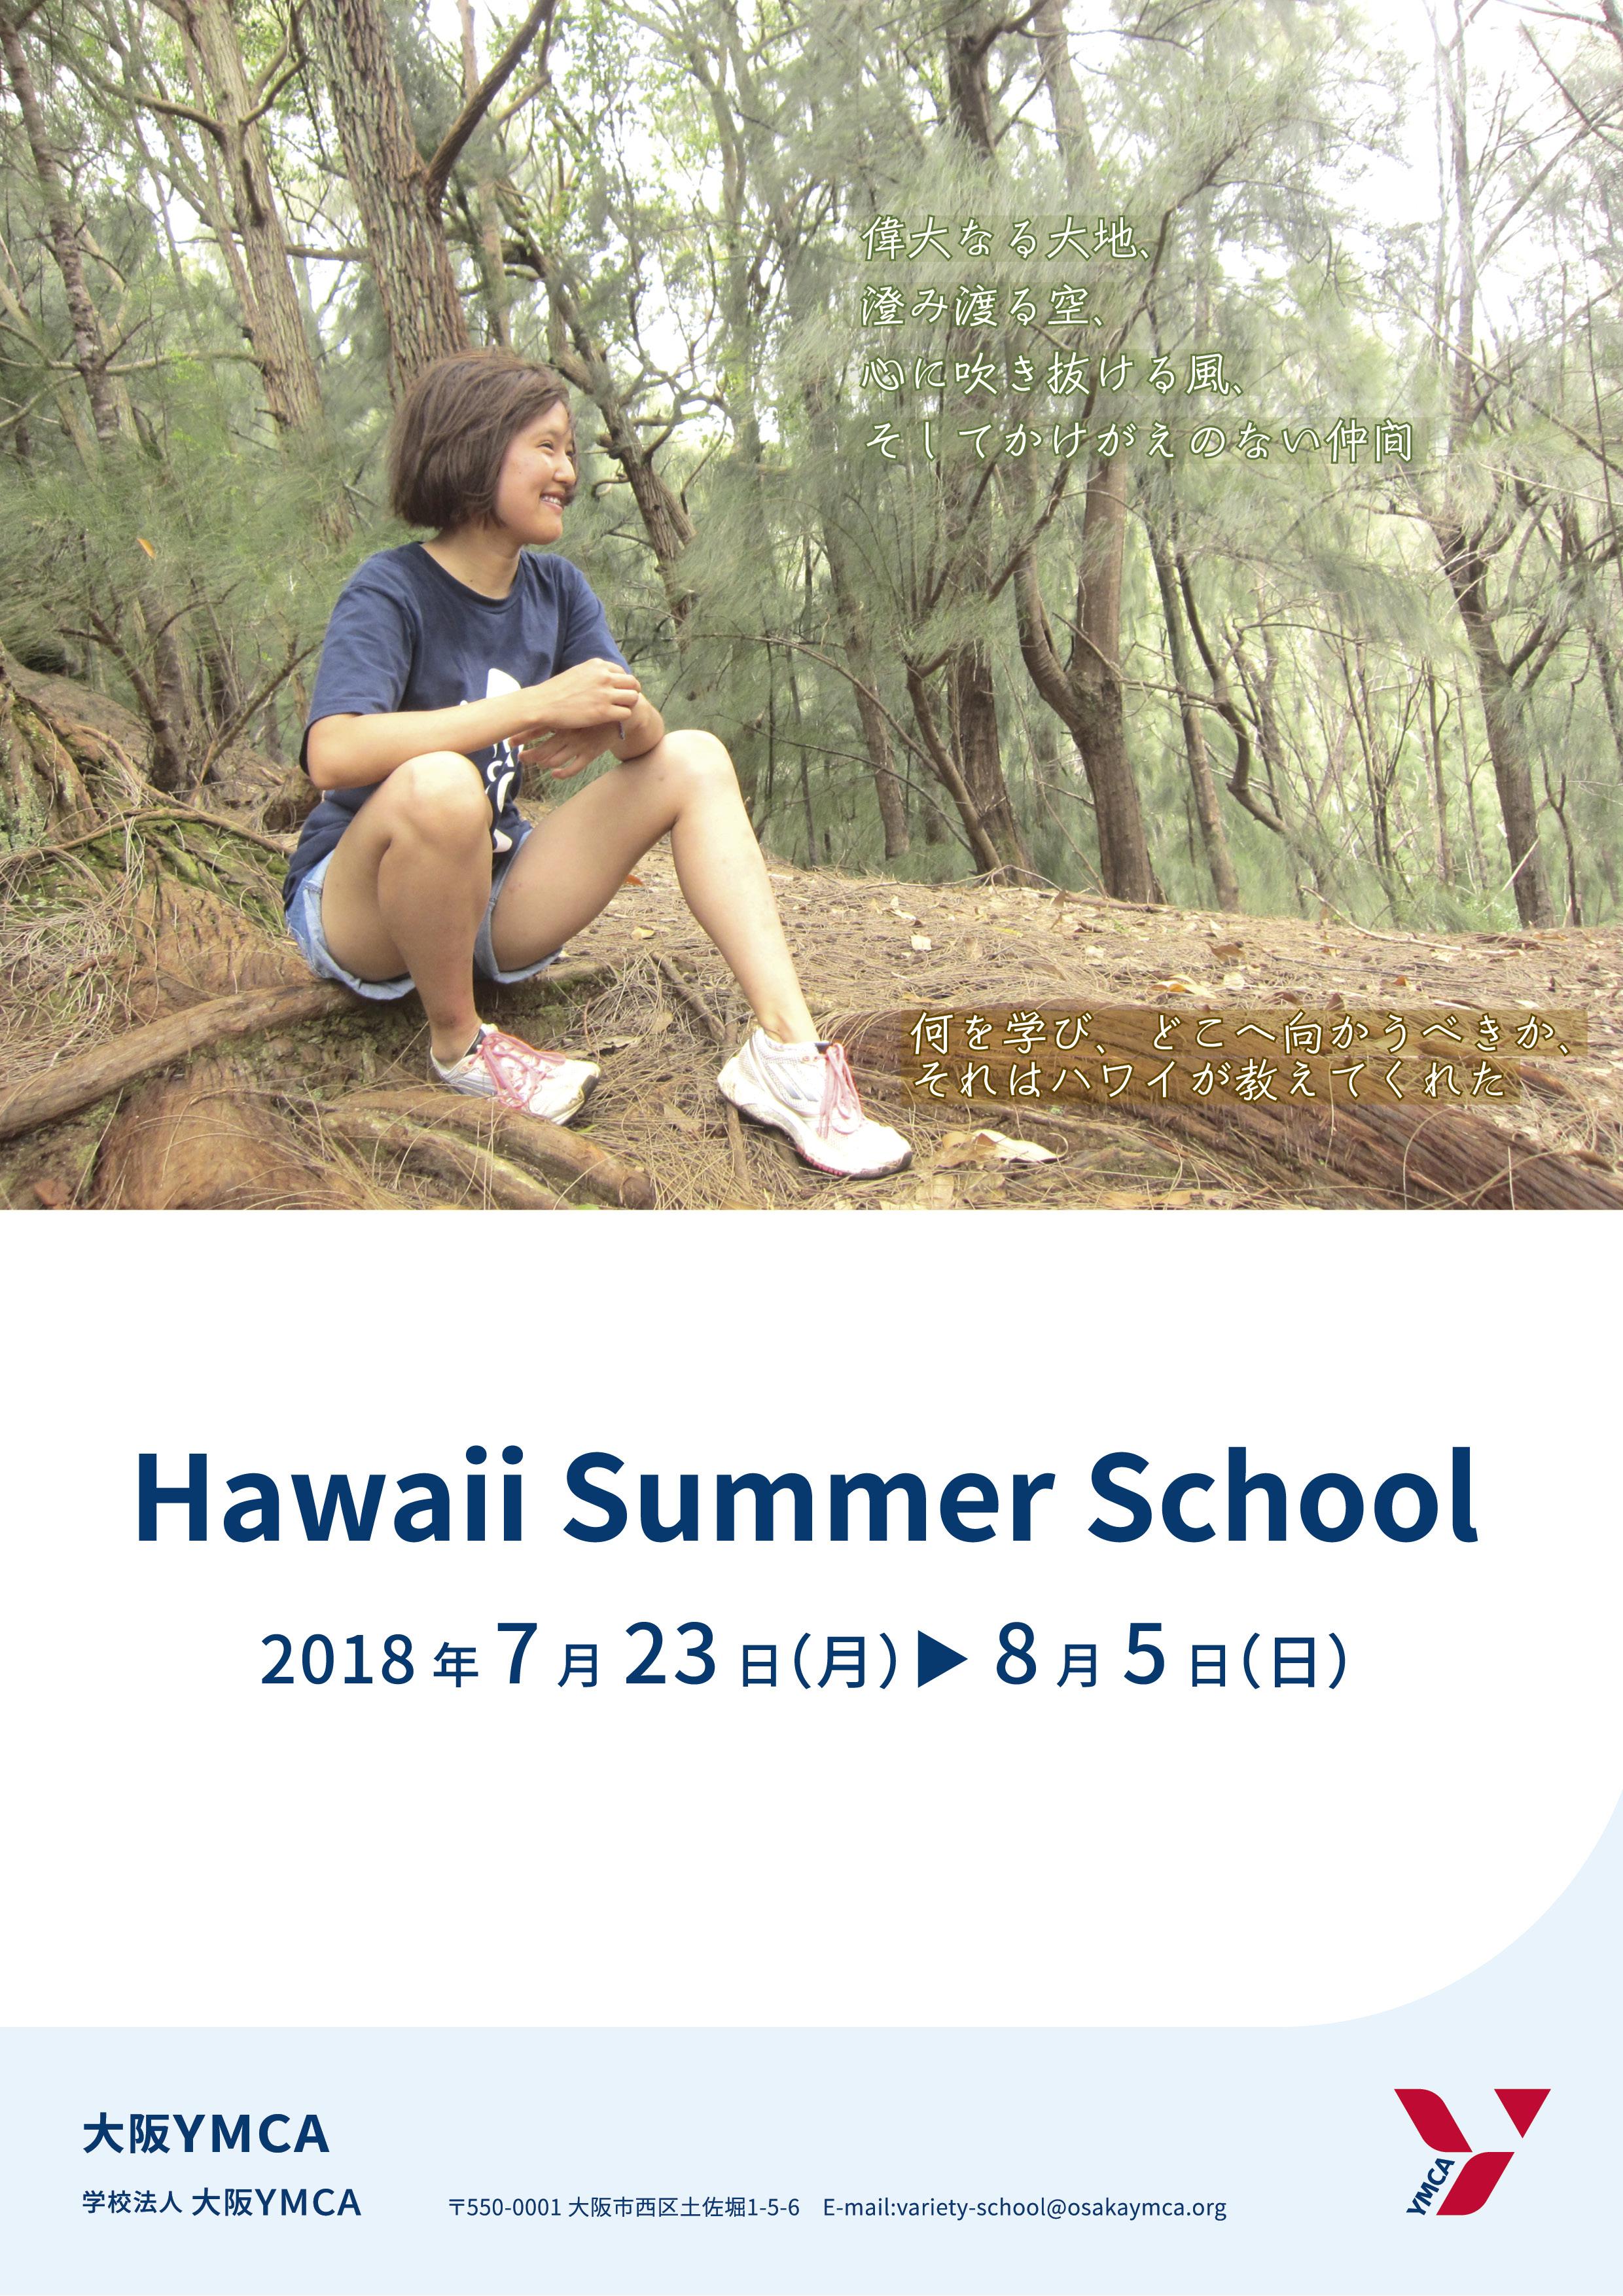 ハワイサマースクール 2018 報告書